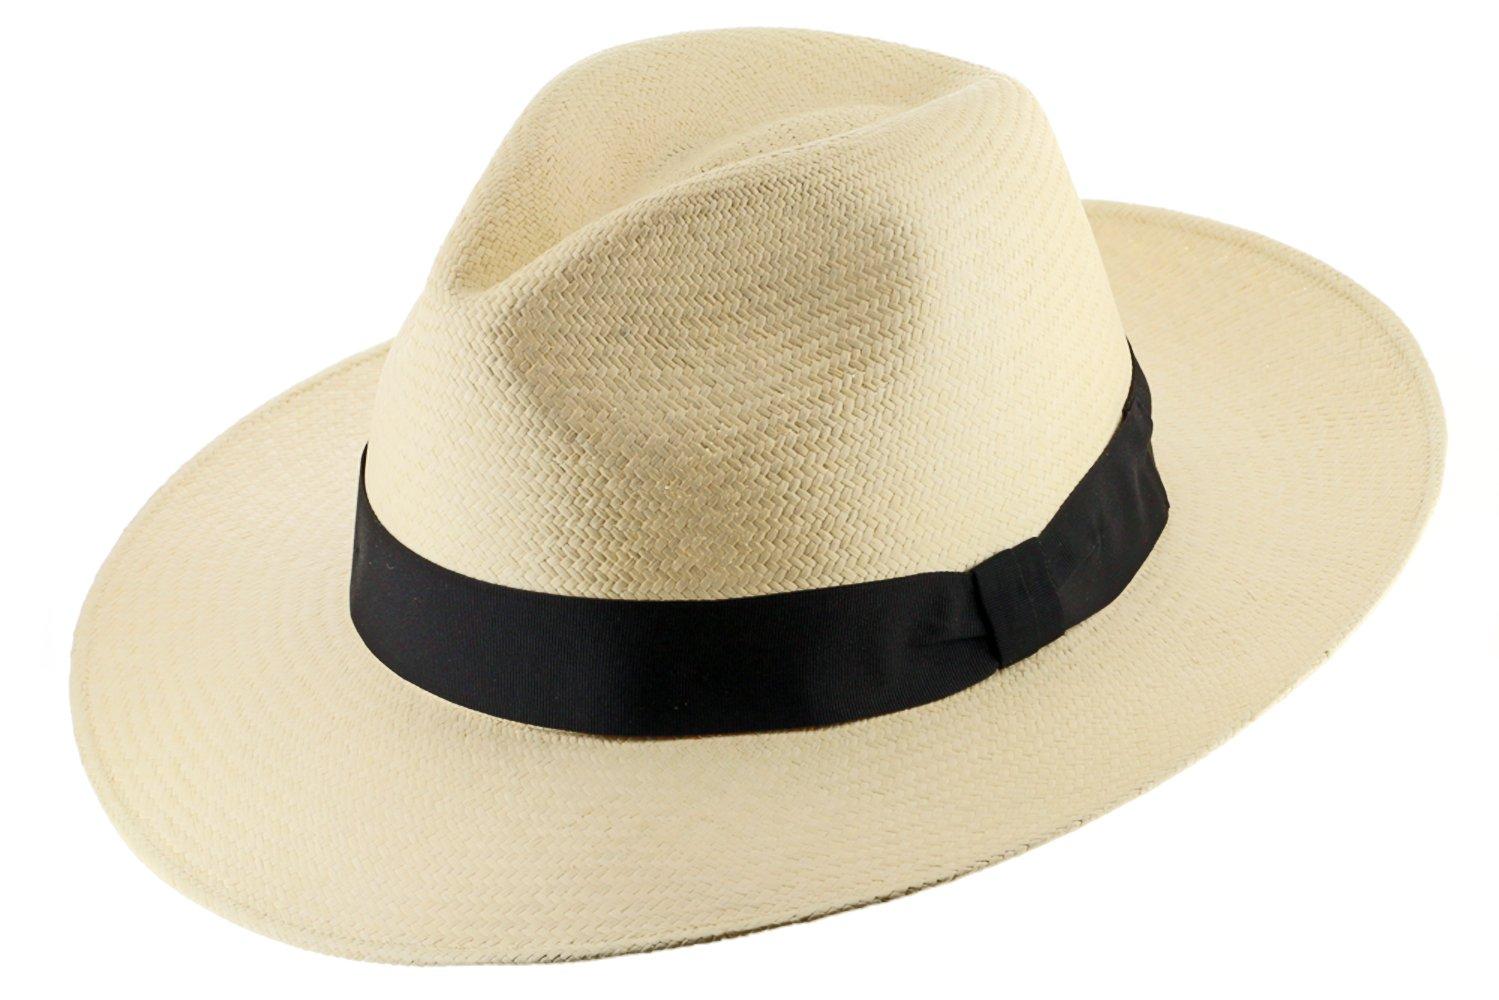 GATSBY FEDORA Panama Hat NATURAL STRAW Stylish SZ 7 1/4